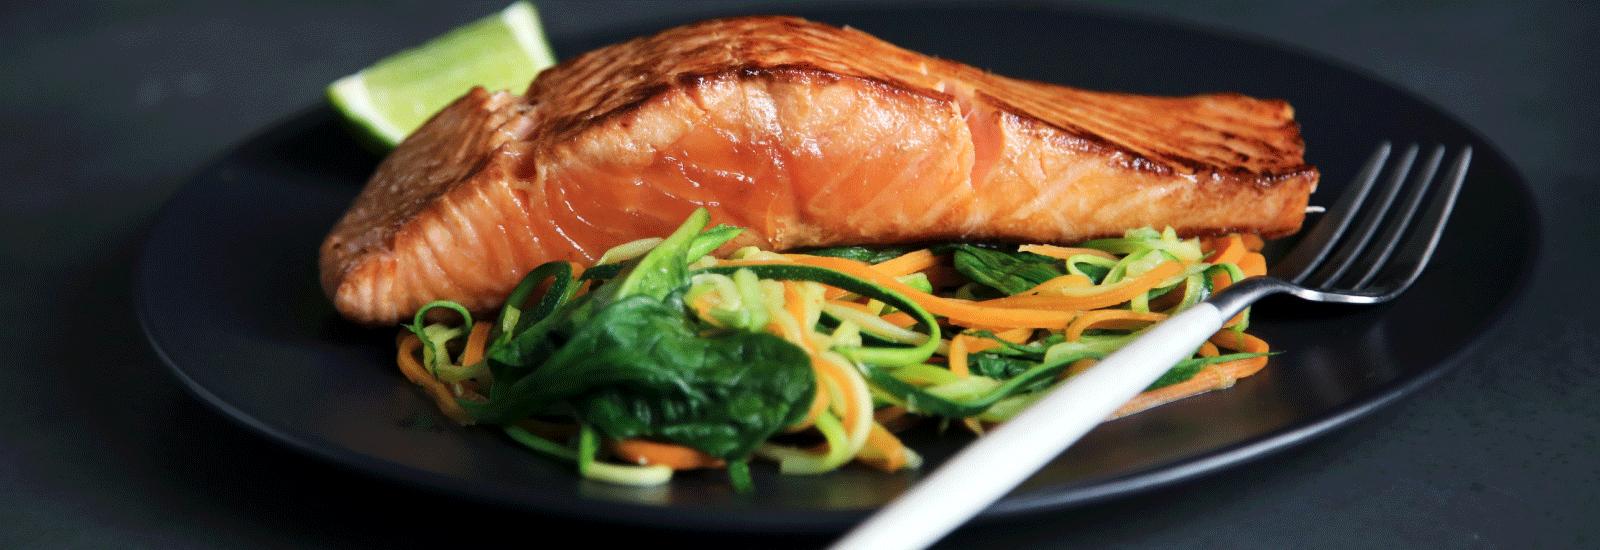 Seafood Restaurants Near Fort Belvoir